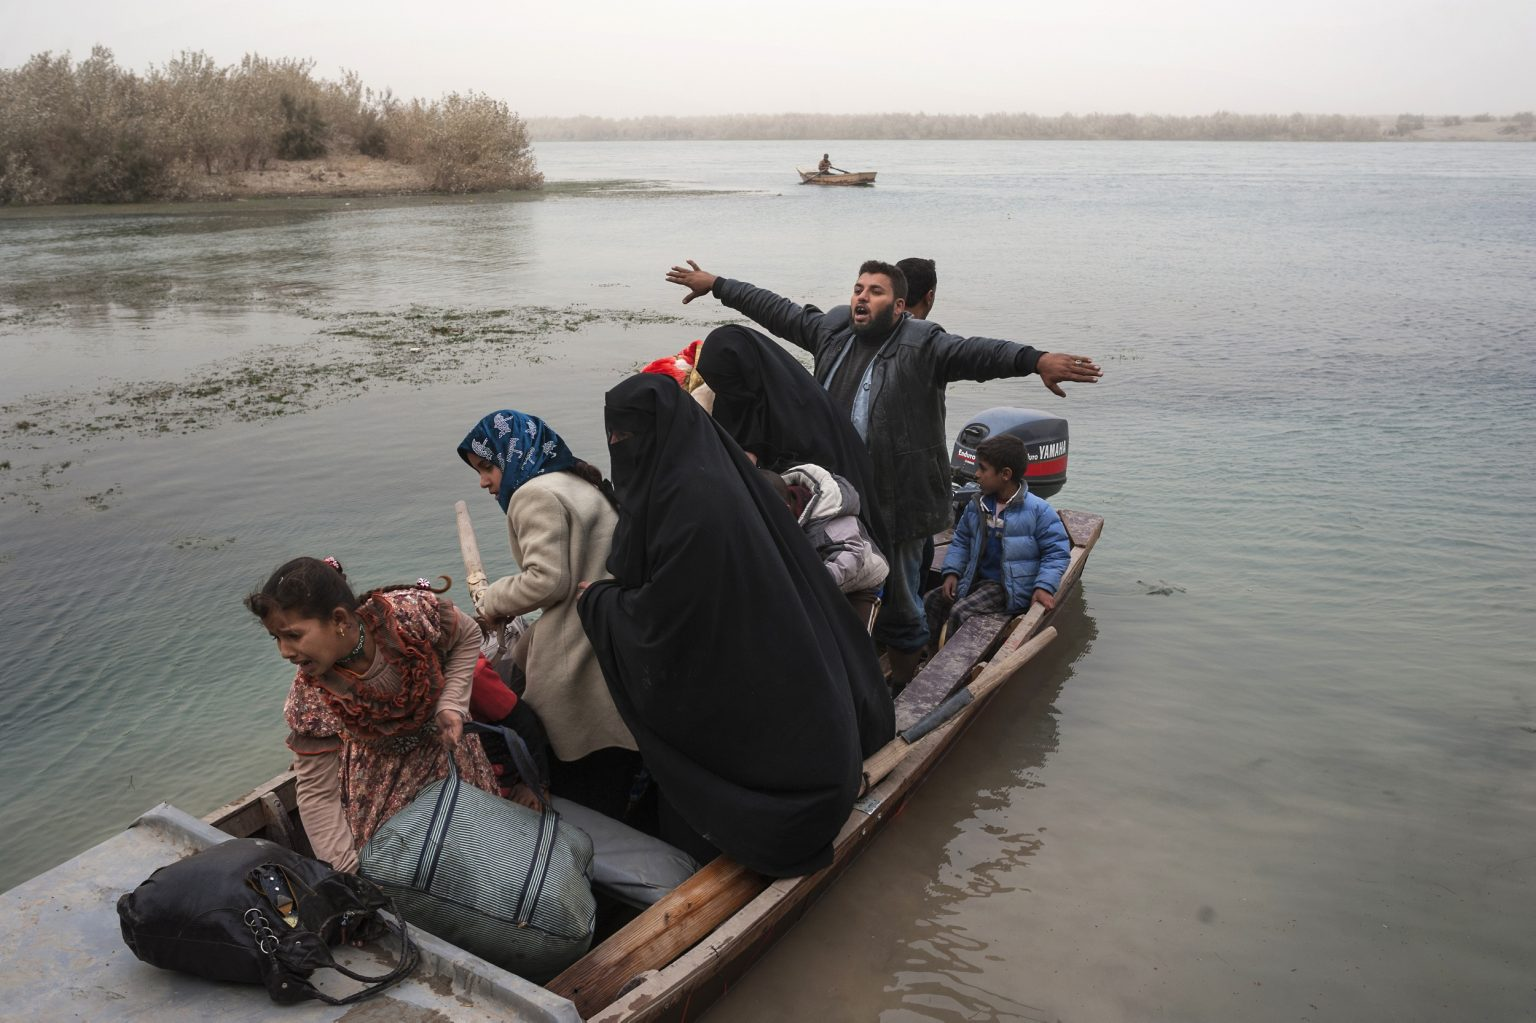 Qayarat Tubiyah, Iraq - November, 1st 2016 - Civilians escaped by the Isis controlled areas crossing the Tigris river to reach the Iraqi army  controlled area. -------------- Qayarat Tubiyah, Iraq - 1 novembre 2016 - Civili fuggiti dalle aree controllate dall'Isis che attraversano il fiume Tigri per raggiungere l'area controllata dall'esercito iracheno.